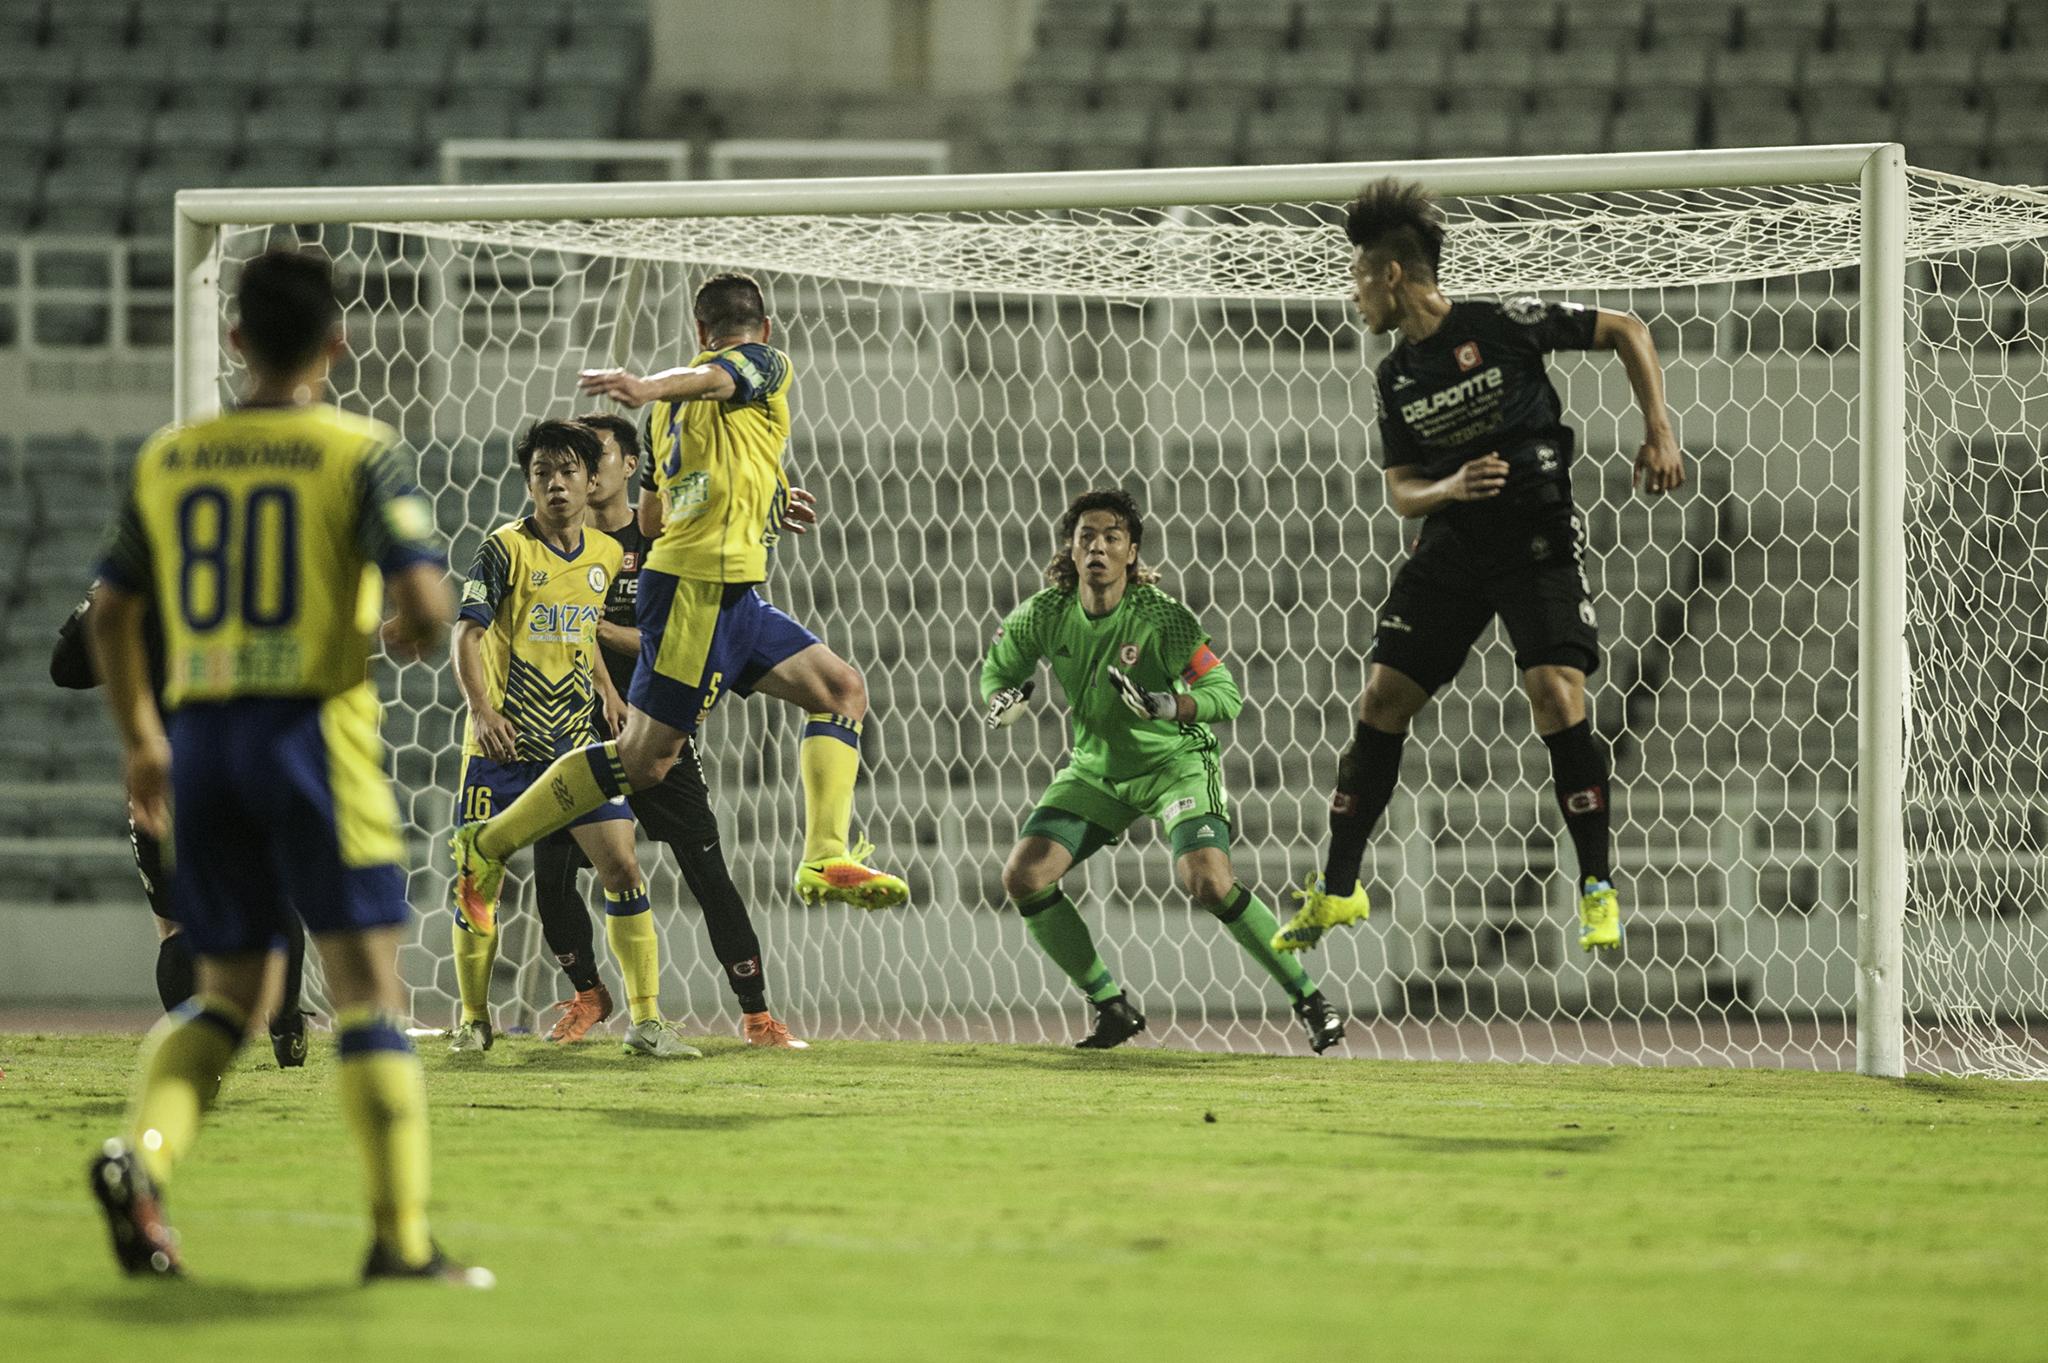 Liga de Elite   Benfica de Macau impõe goleada por 5-0 ao Ching Fung